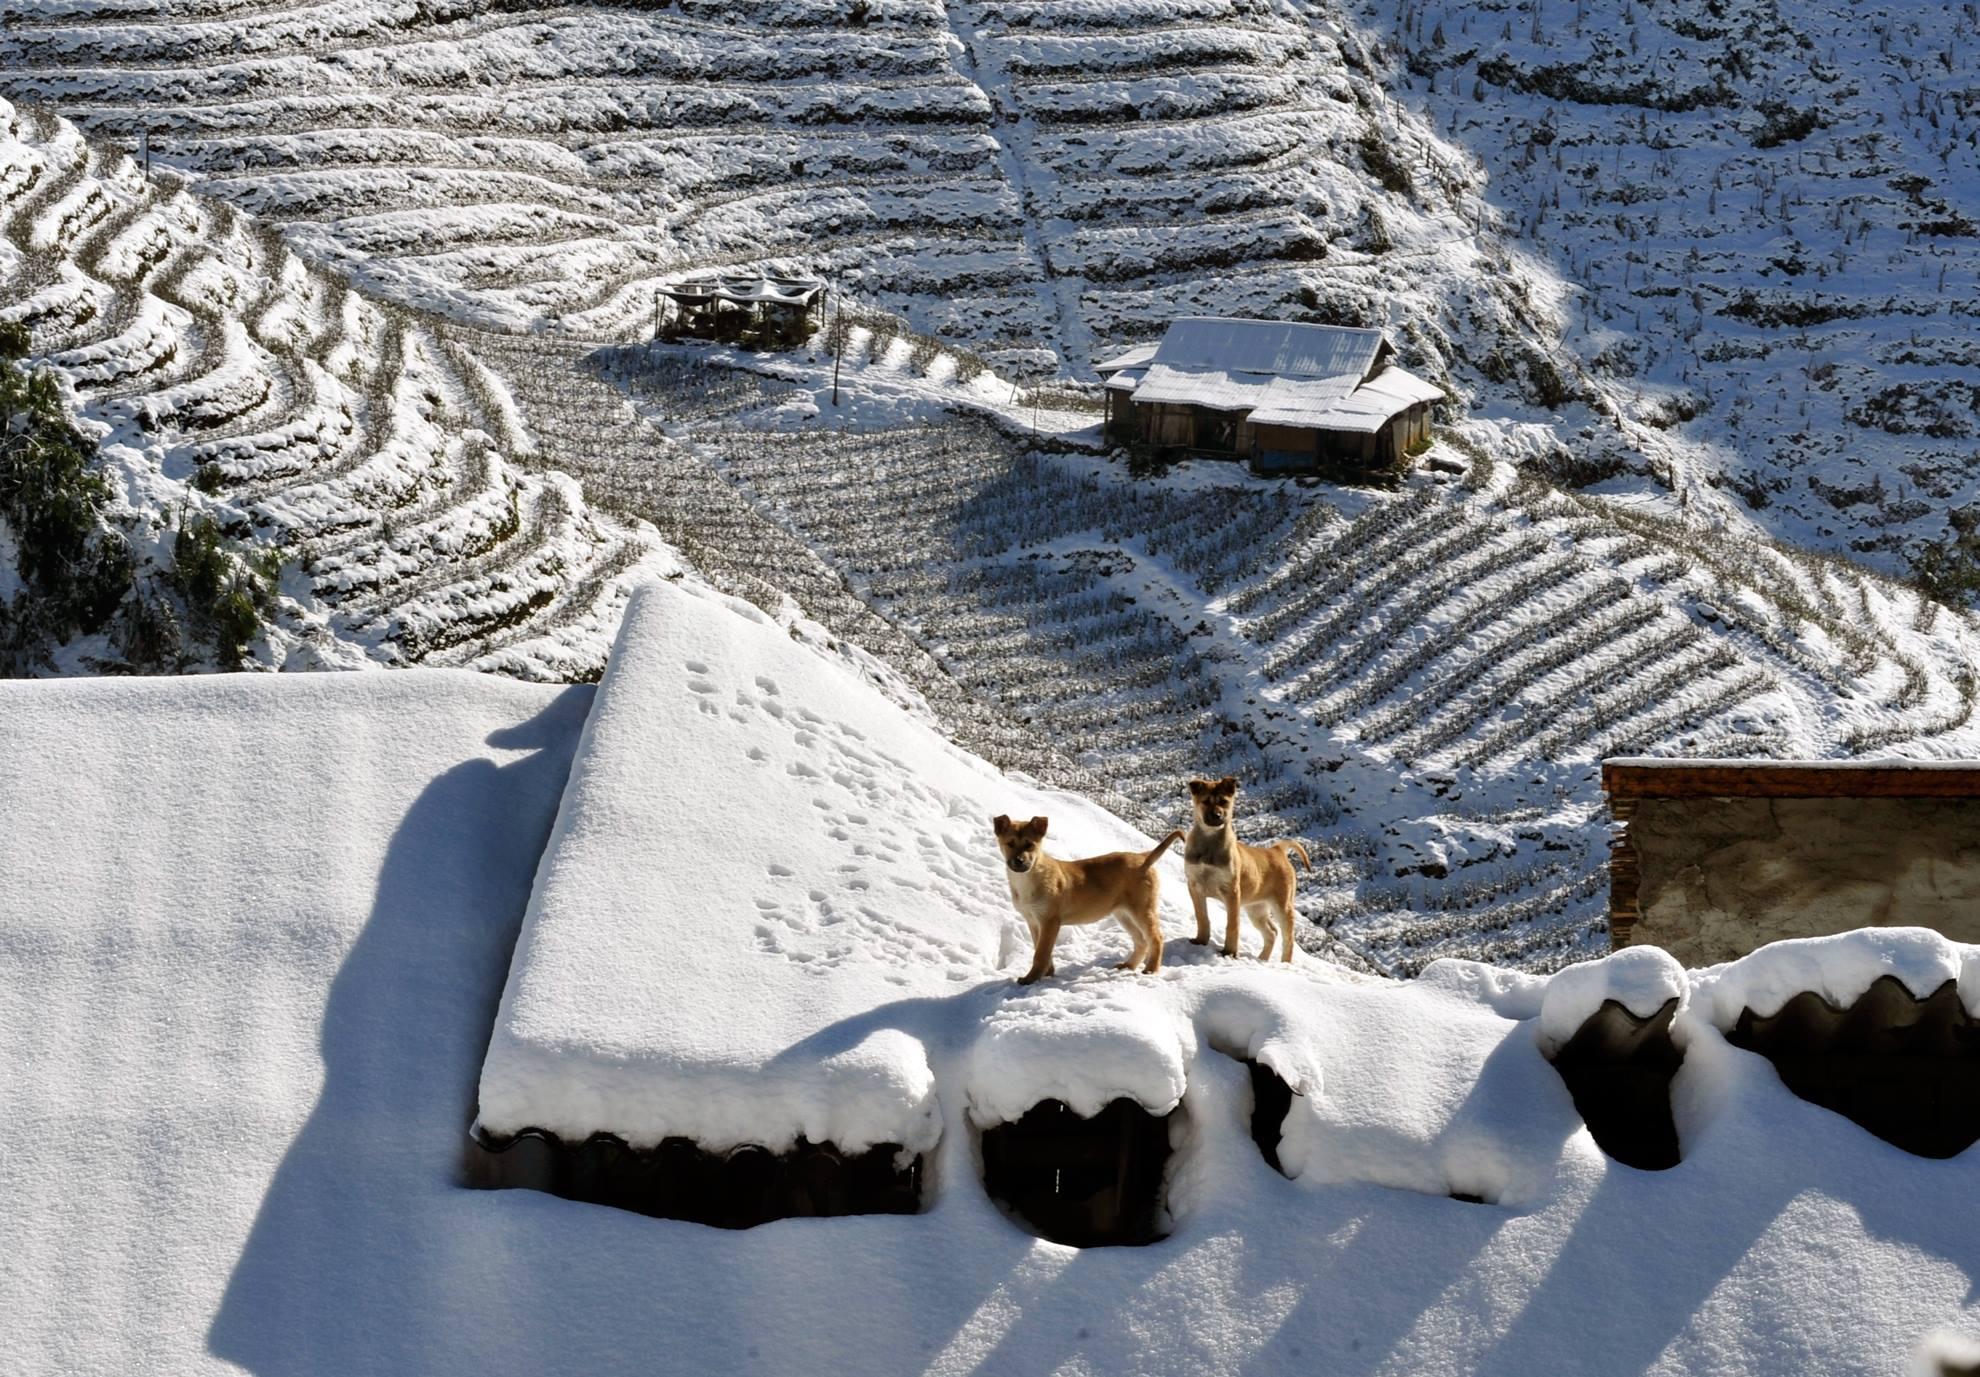 Tuyết-Sapa-dường-như-đã-phủ-kín-khắp-mọi-nơi